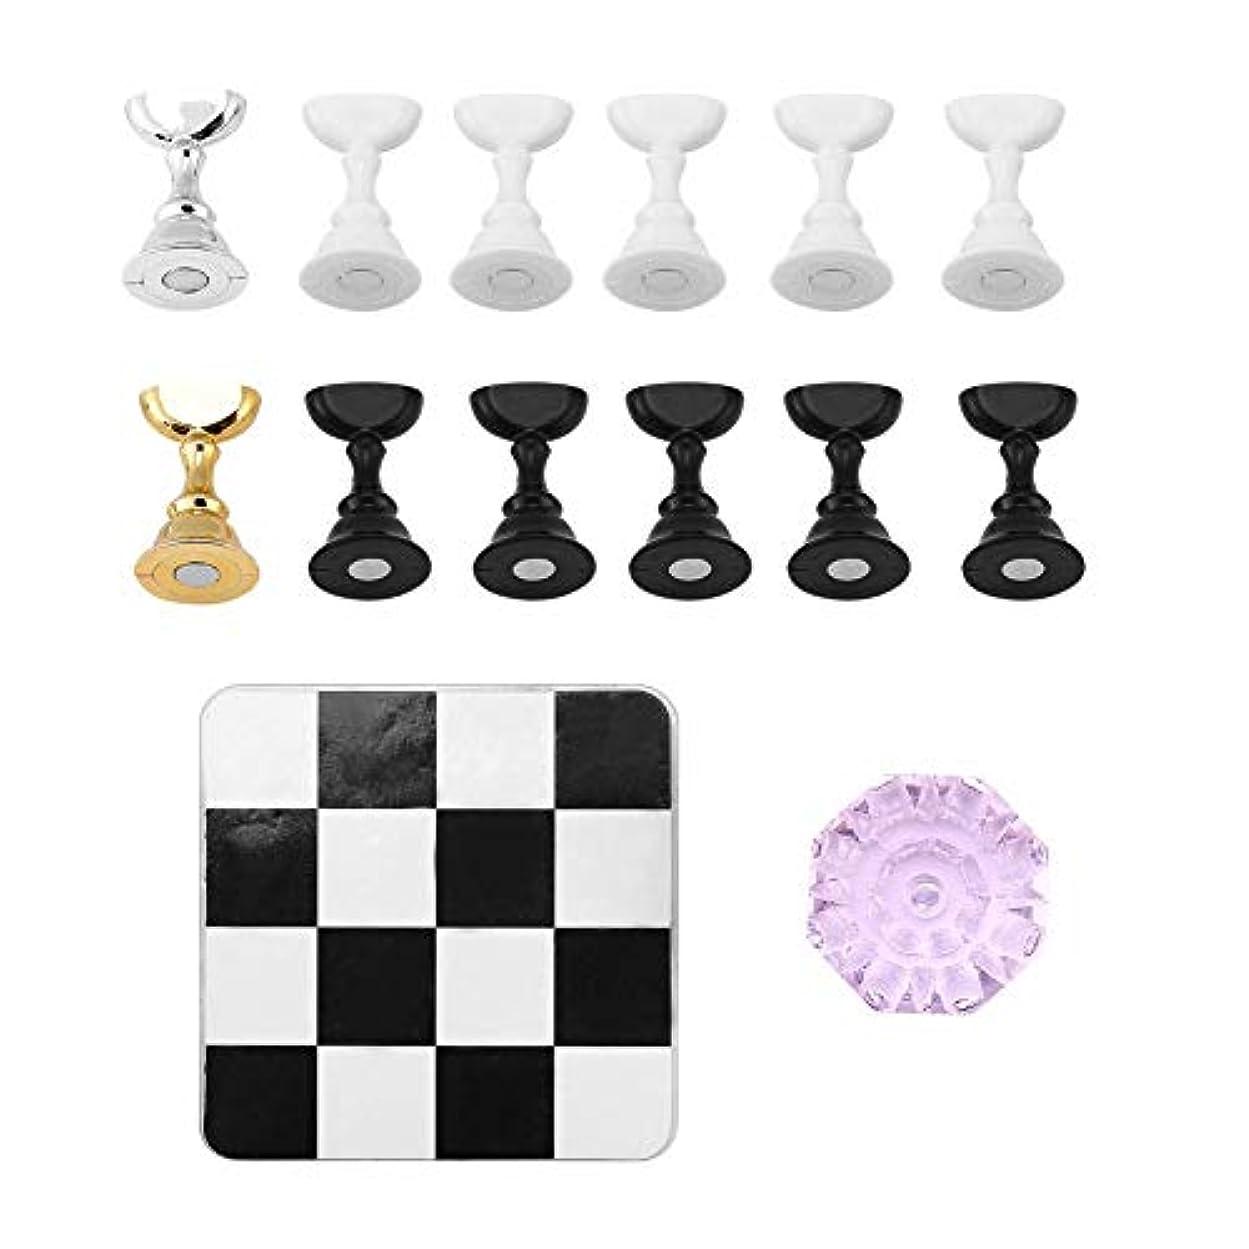 連続した博物館凍るTOPINCN チェス盤 磁気 ネイルアートディスプレイ ネイルスタンド ネイルホルダー 練習用スタンド クリスタルベース